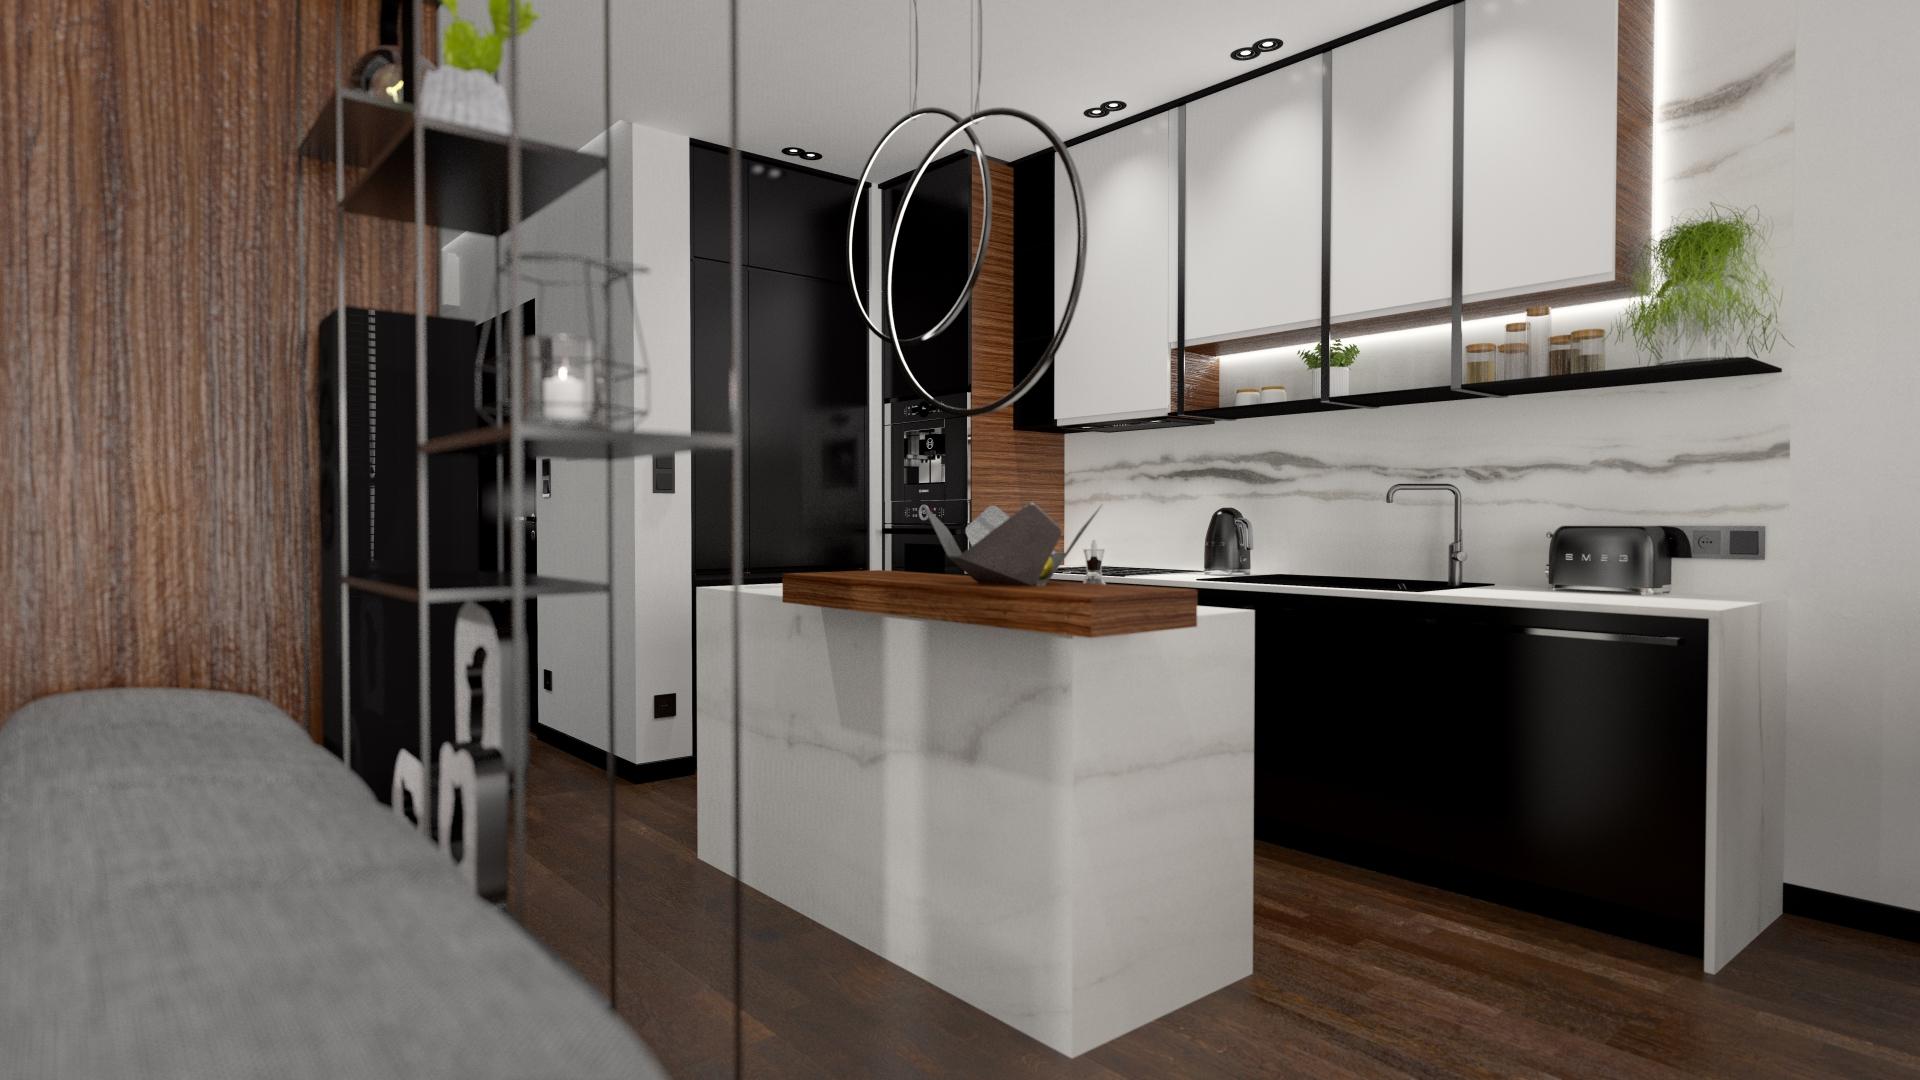 Ludw kitchen kuchnia projektantpulawy pracownia projektowania wnetrz czapla malgorzata projekt interior design pulawy (4)